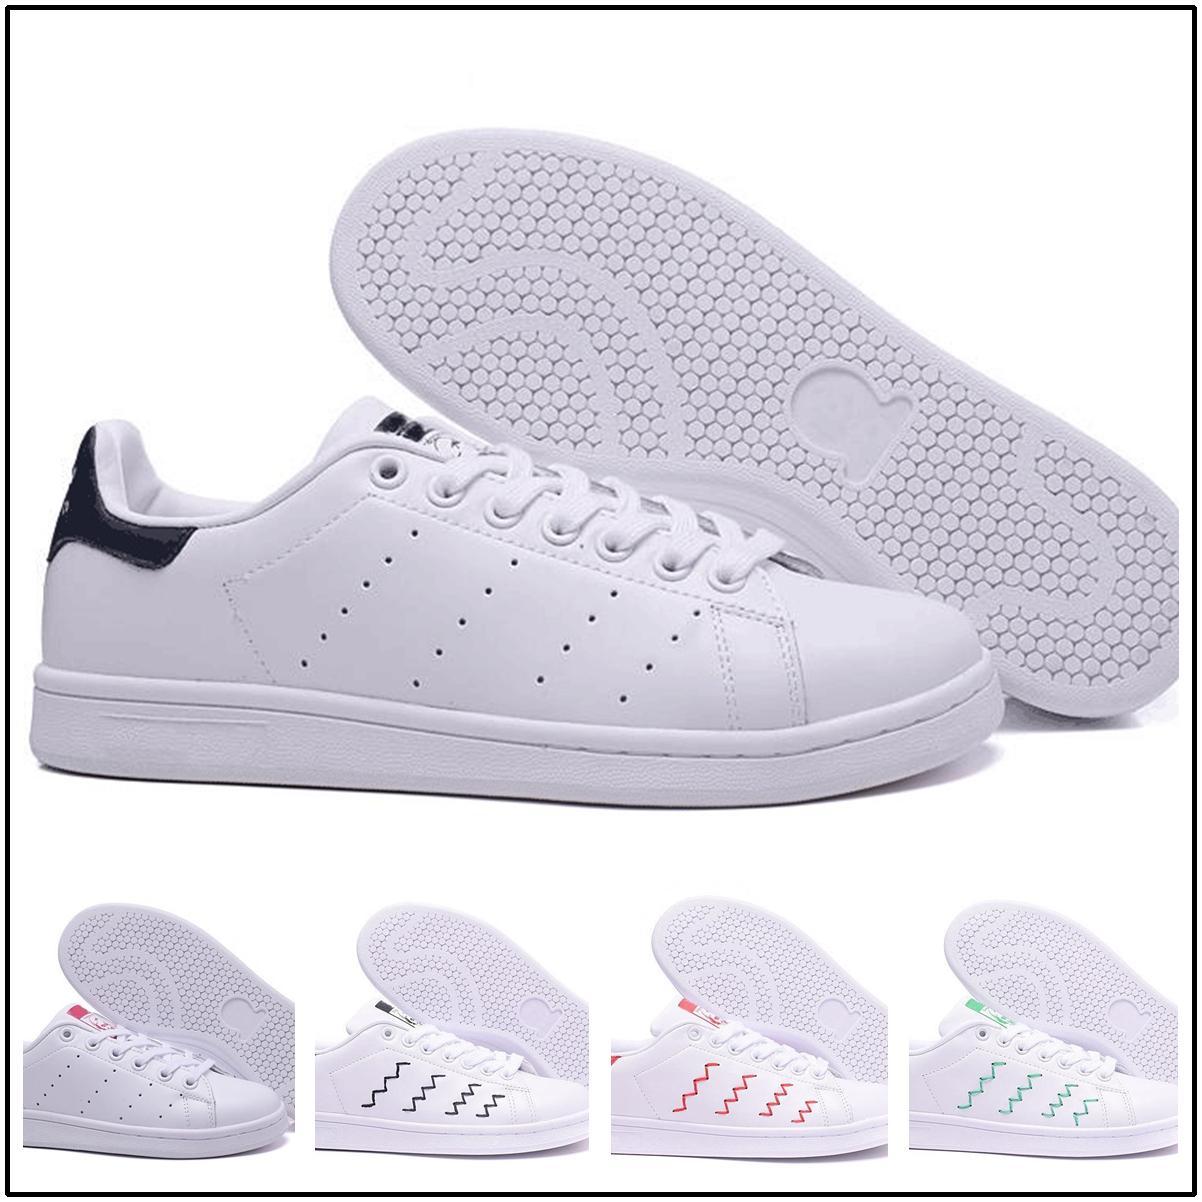 2018 ستان سميث الأخضر HOT SALE أعلى جودة النساء الرجال أحذية جديدة ستان سميث الأزياء أحذية رياضية جلد عارضة الرياضة المدى أحذية